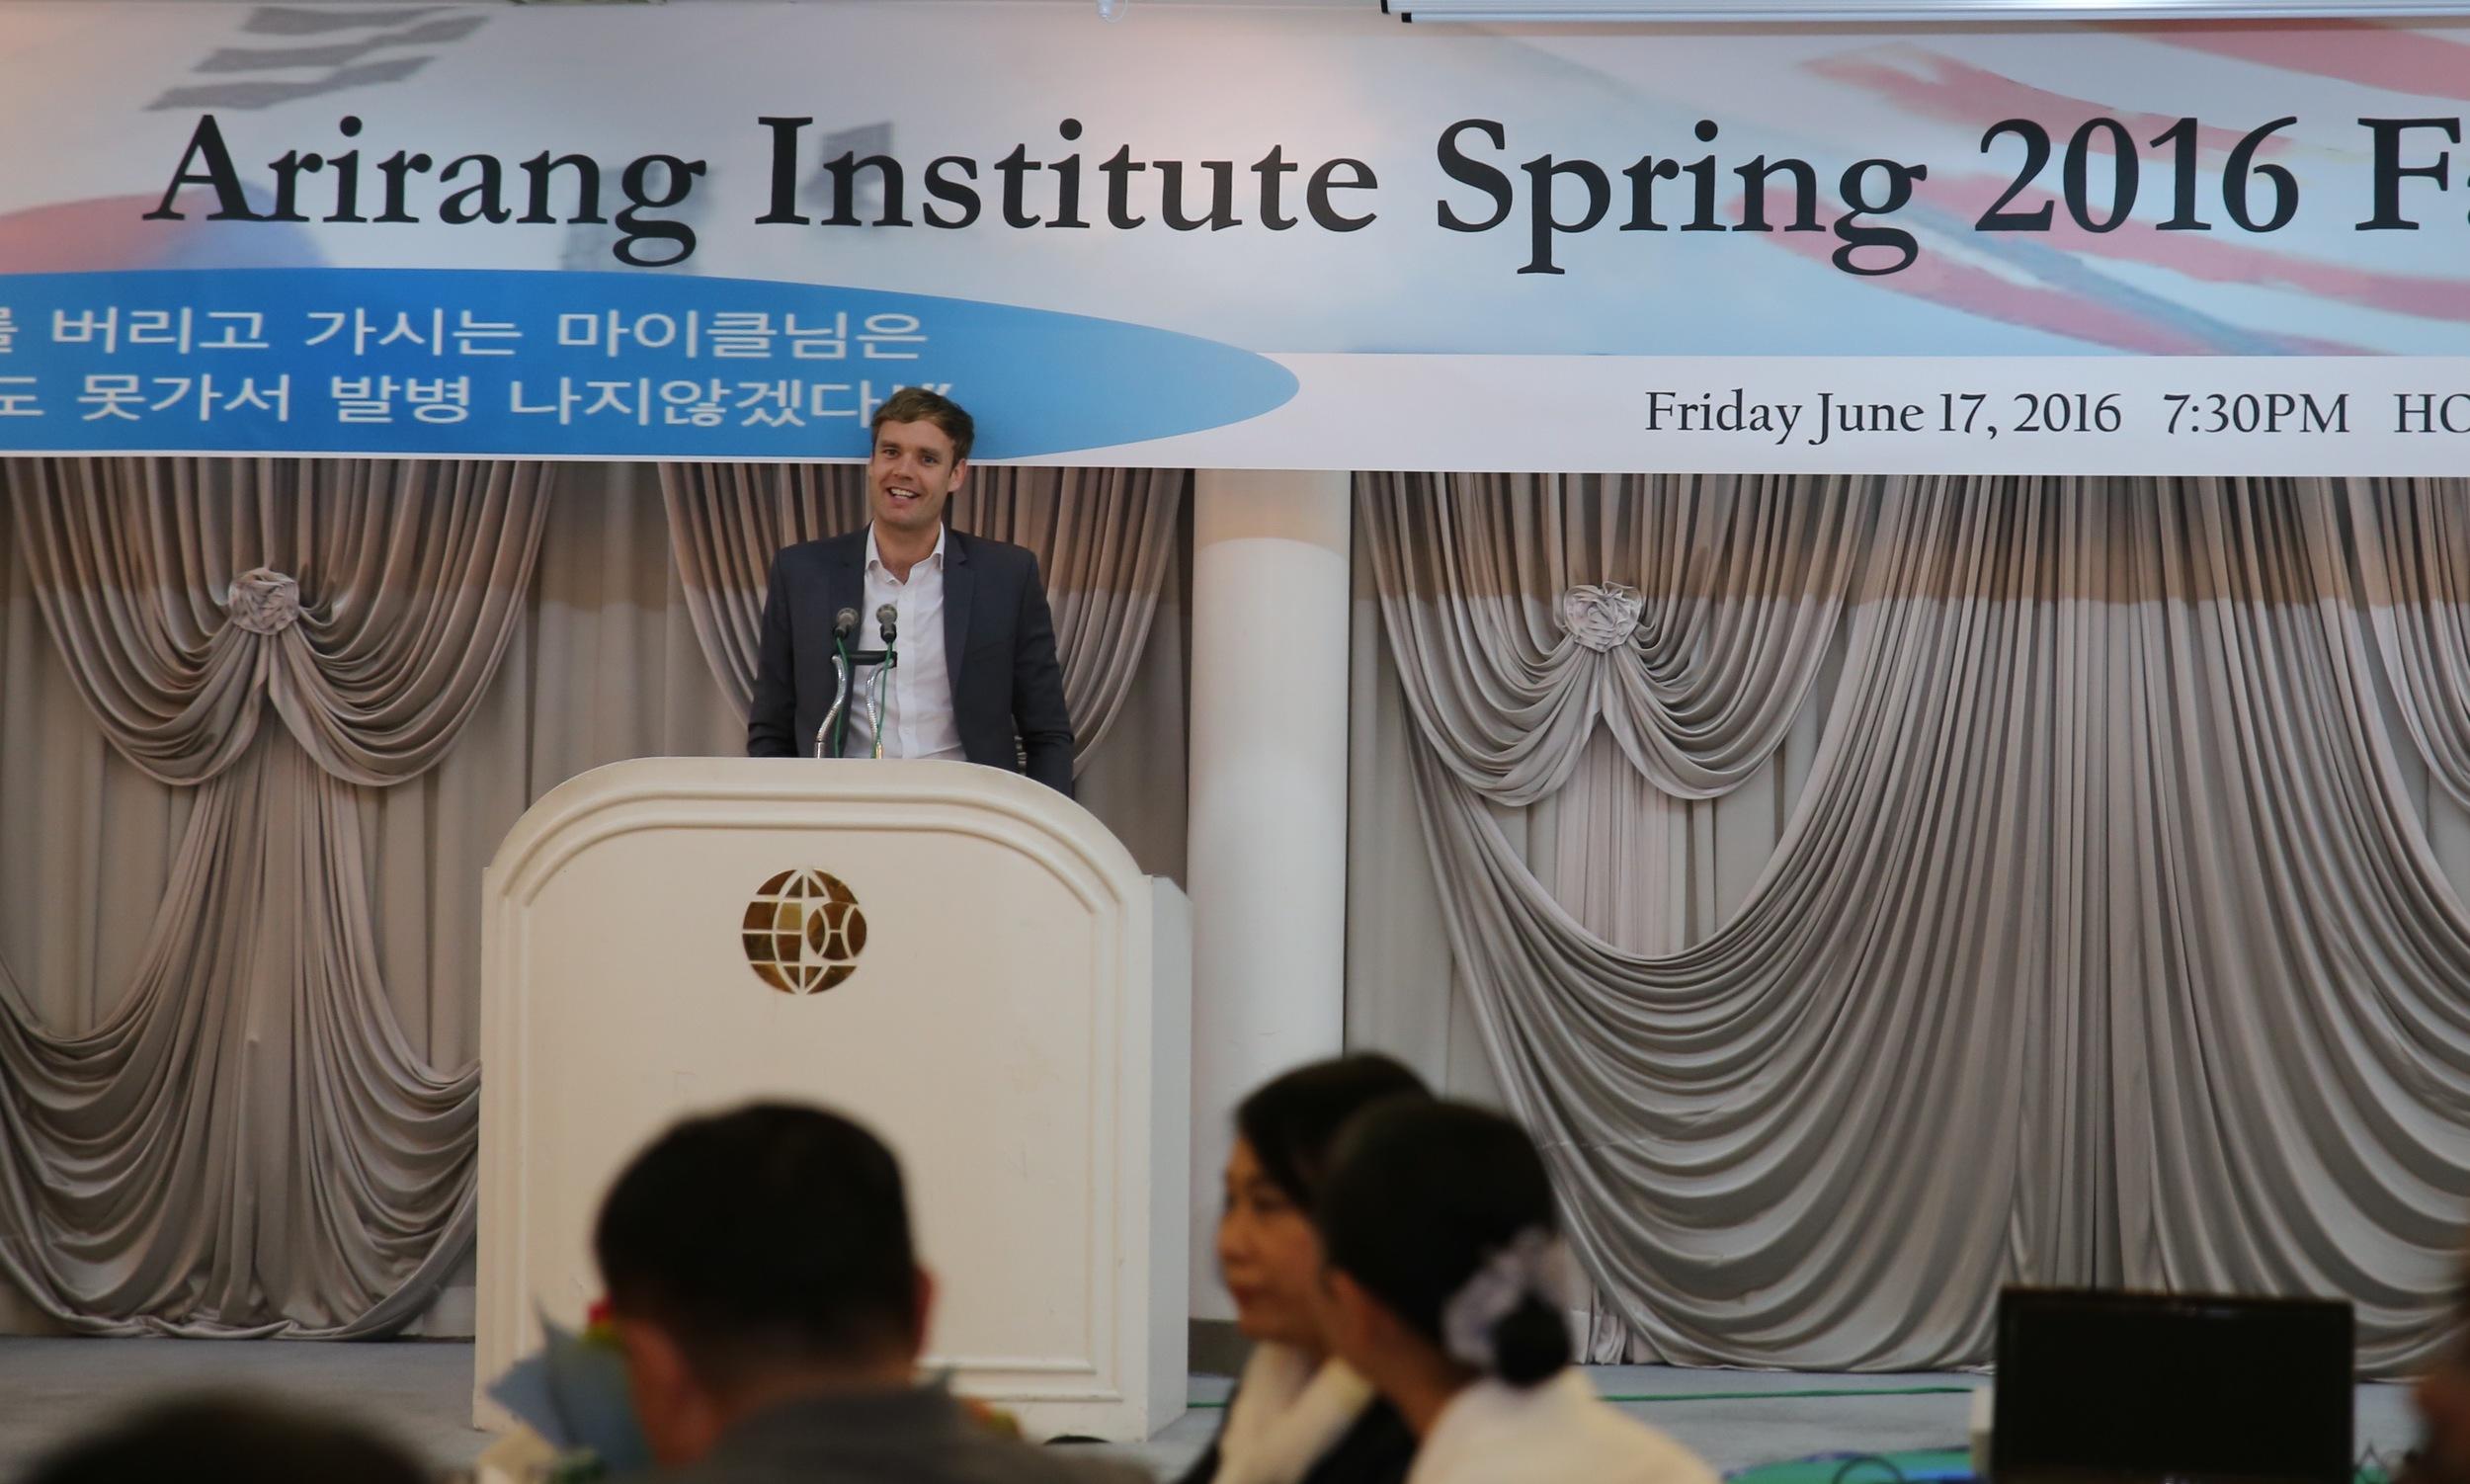 Professor Mark Sample of Foreign Studies University.